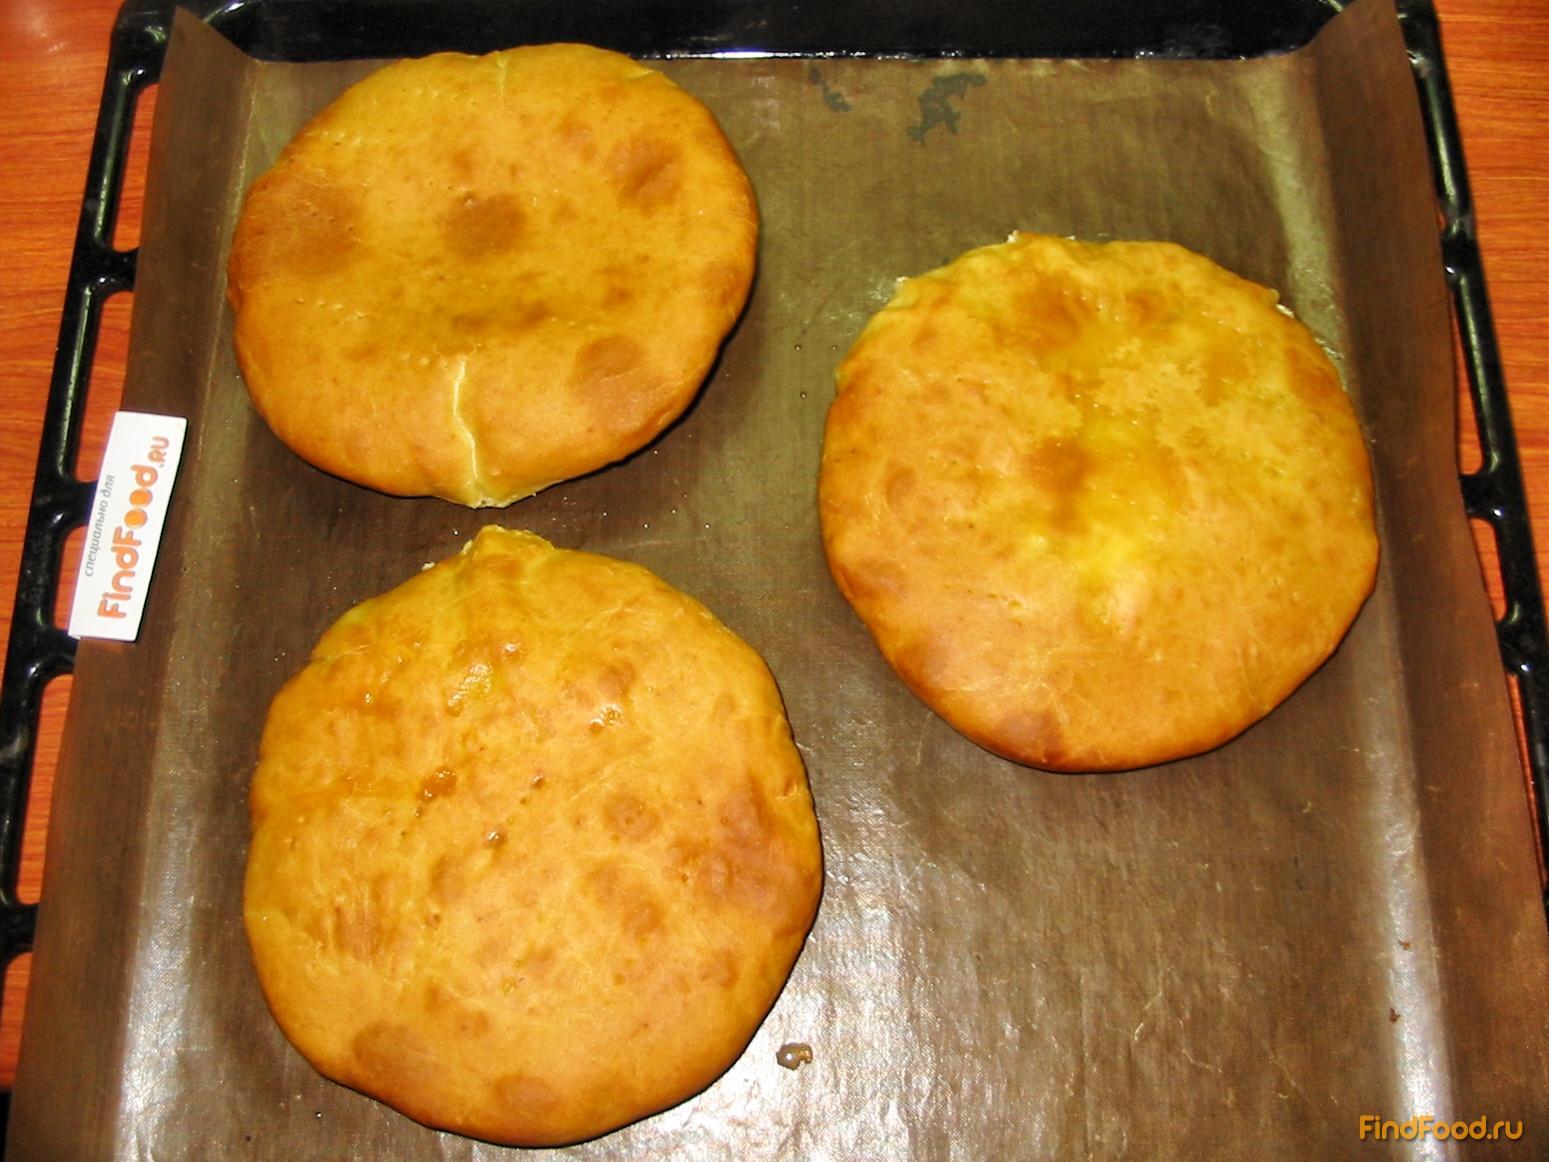 Как приготовить хачапури в духовке пошаговый рецепт с фото